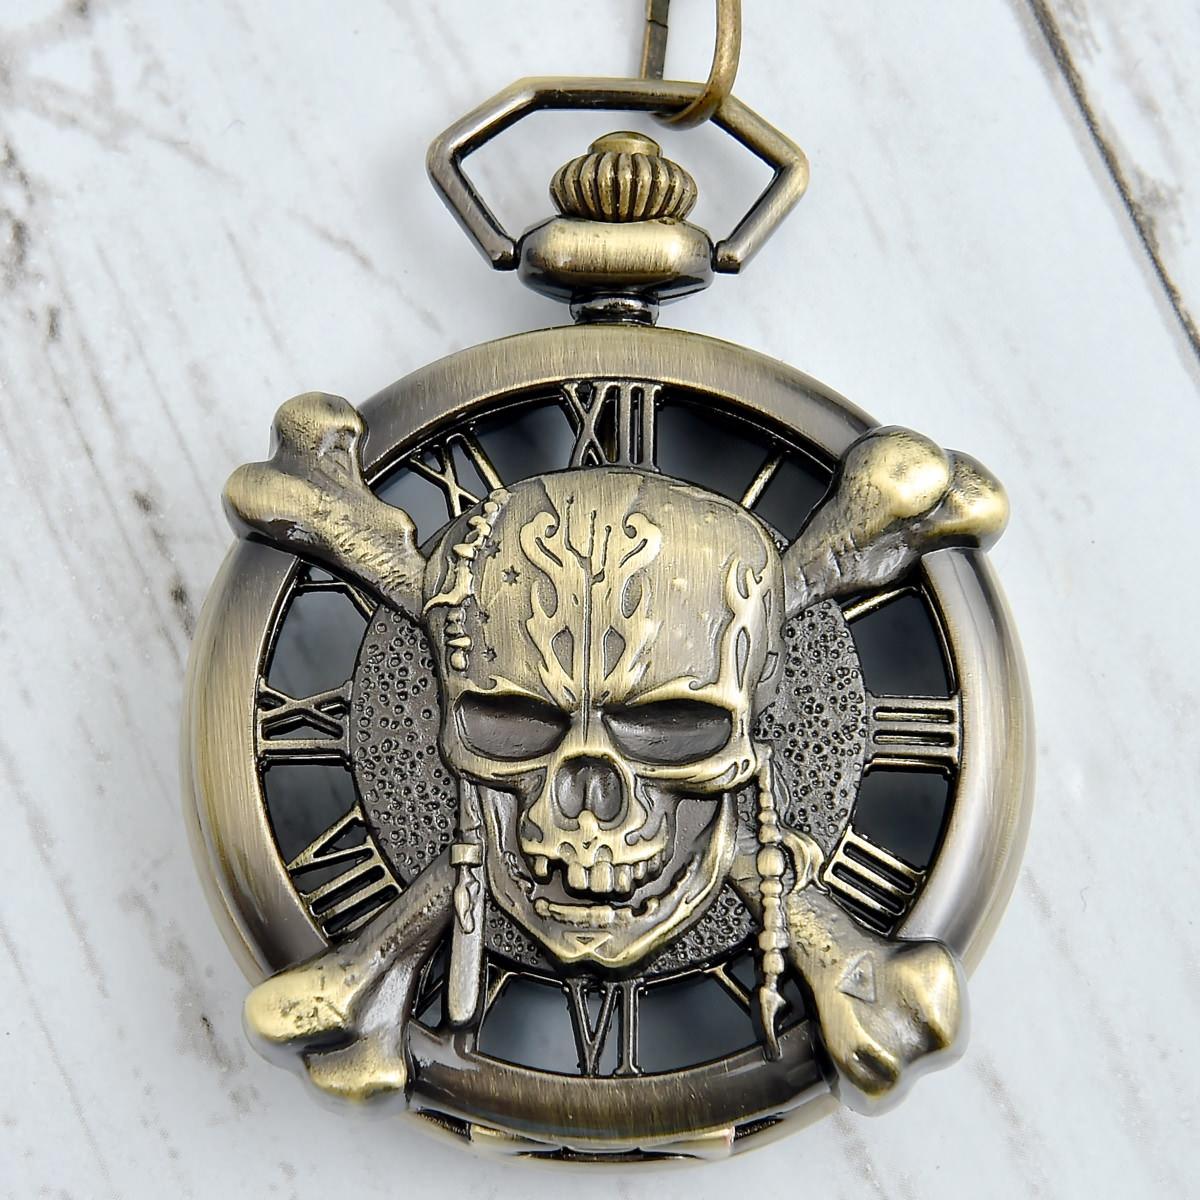 パイレーツ・オブ・カリビアン/最後の海賊 プレミアム懐中時計ゴールドアップ